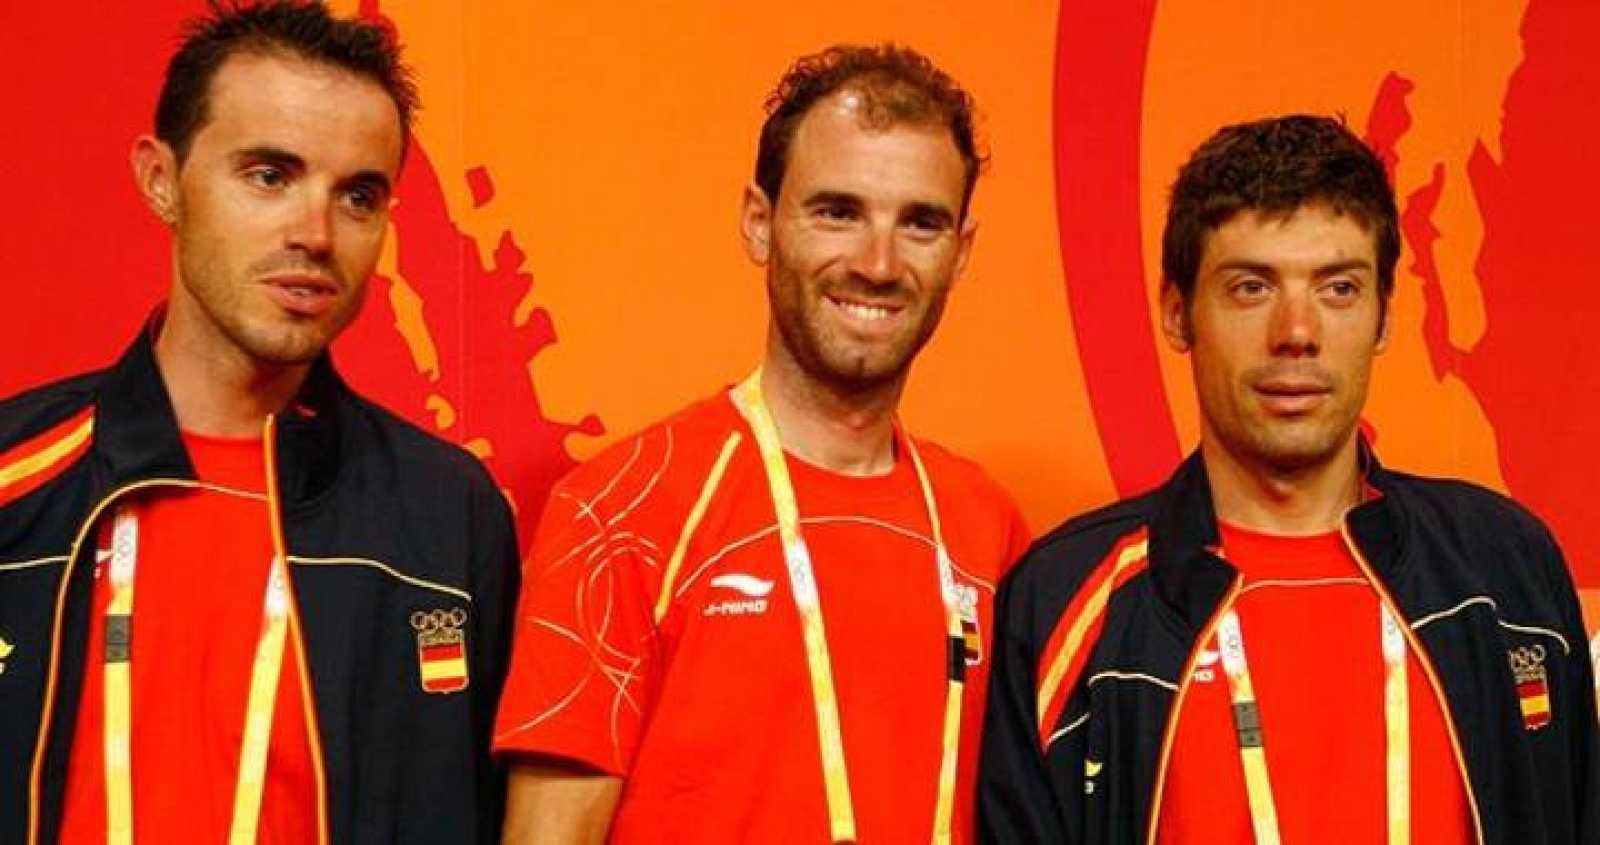 Samuel Sánchez, Alejandro Valverde y Óscar Freire competirán en la prueba de ciclismo en ruta.